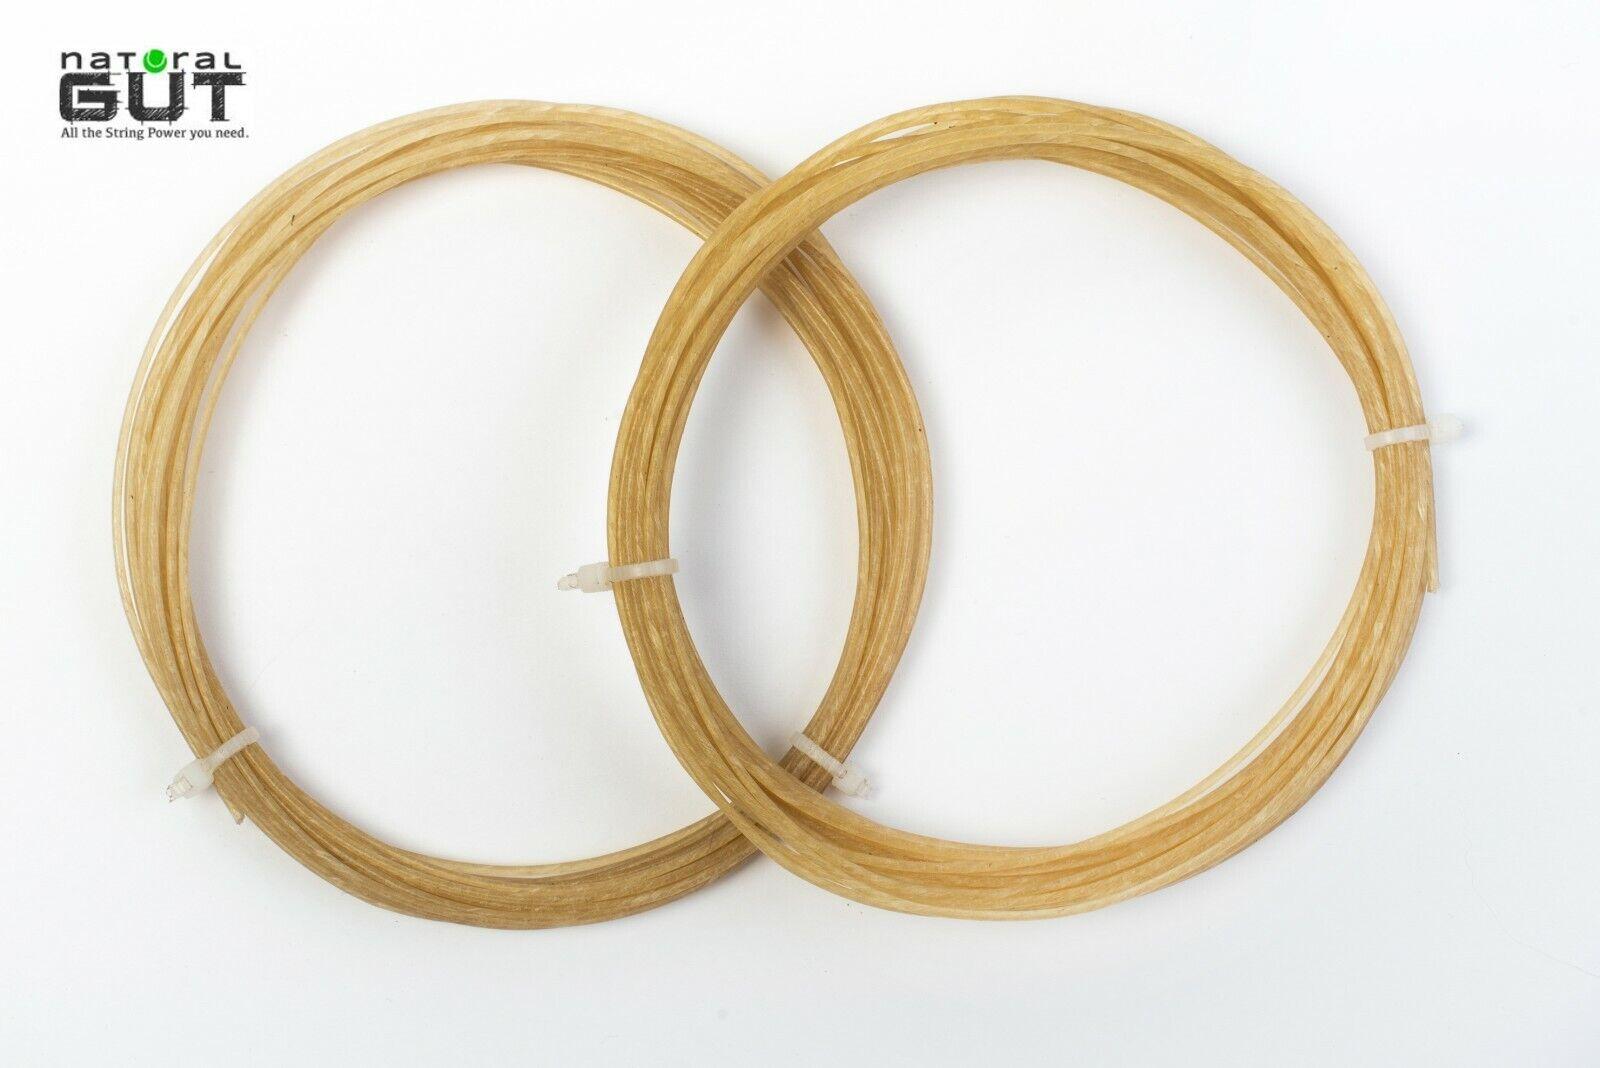 4 conjuntos n.g.w. 15G V5 100% natural de tripa tenis raqueta cadena de Color natural de 40 pies